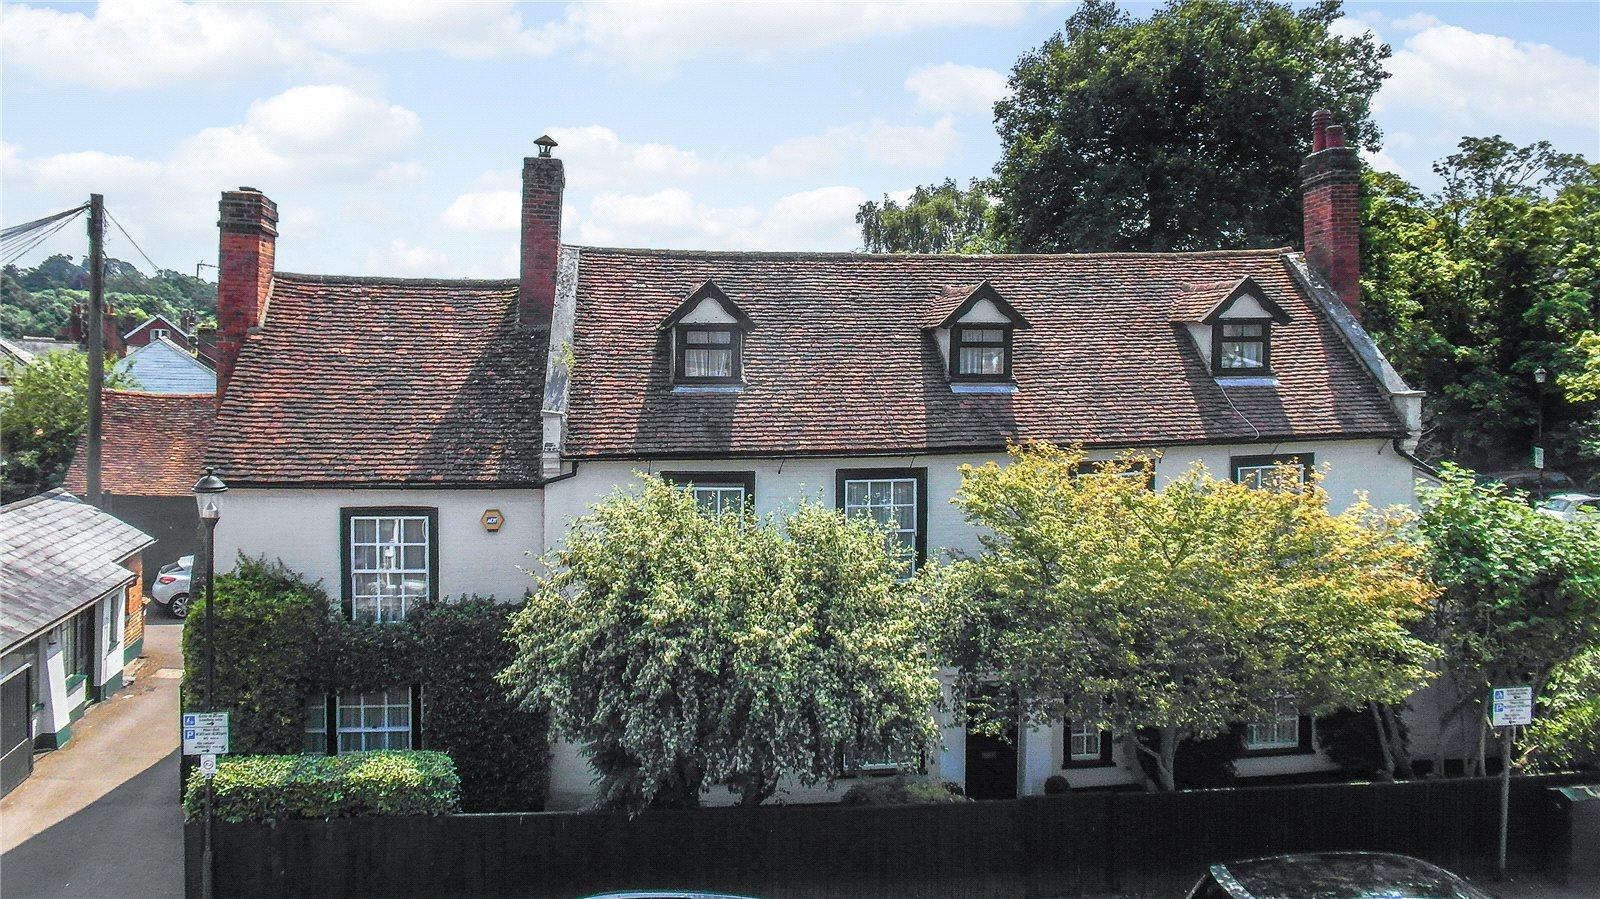 一戸建て のために 売買 アット High Street, Welwyn, Hertfordshire, AL6 Welwyn, イギリス